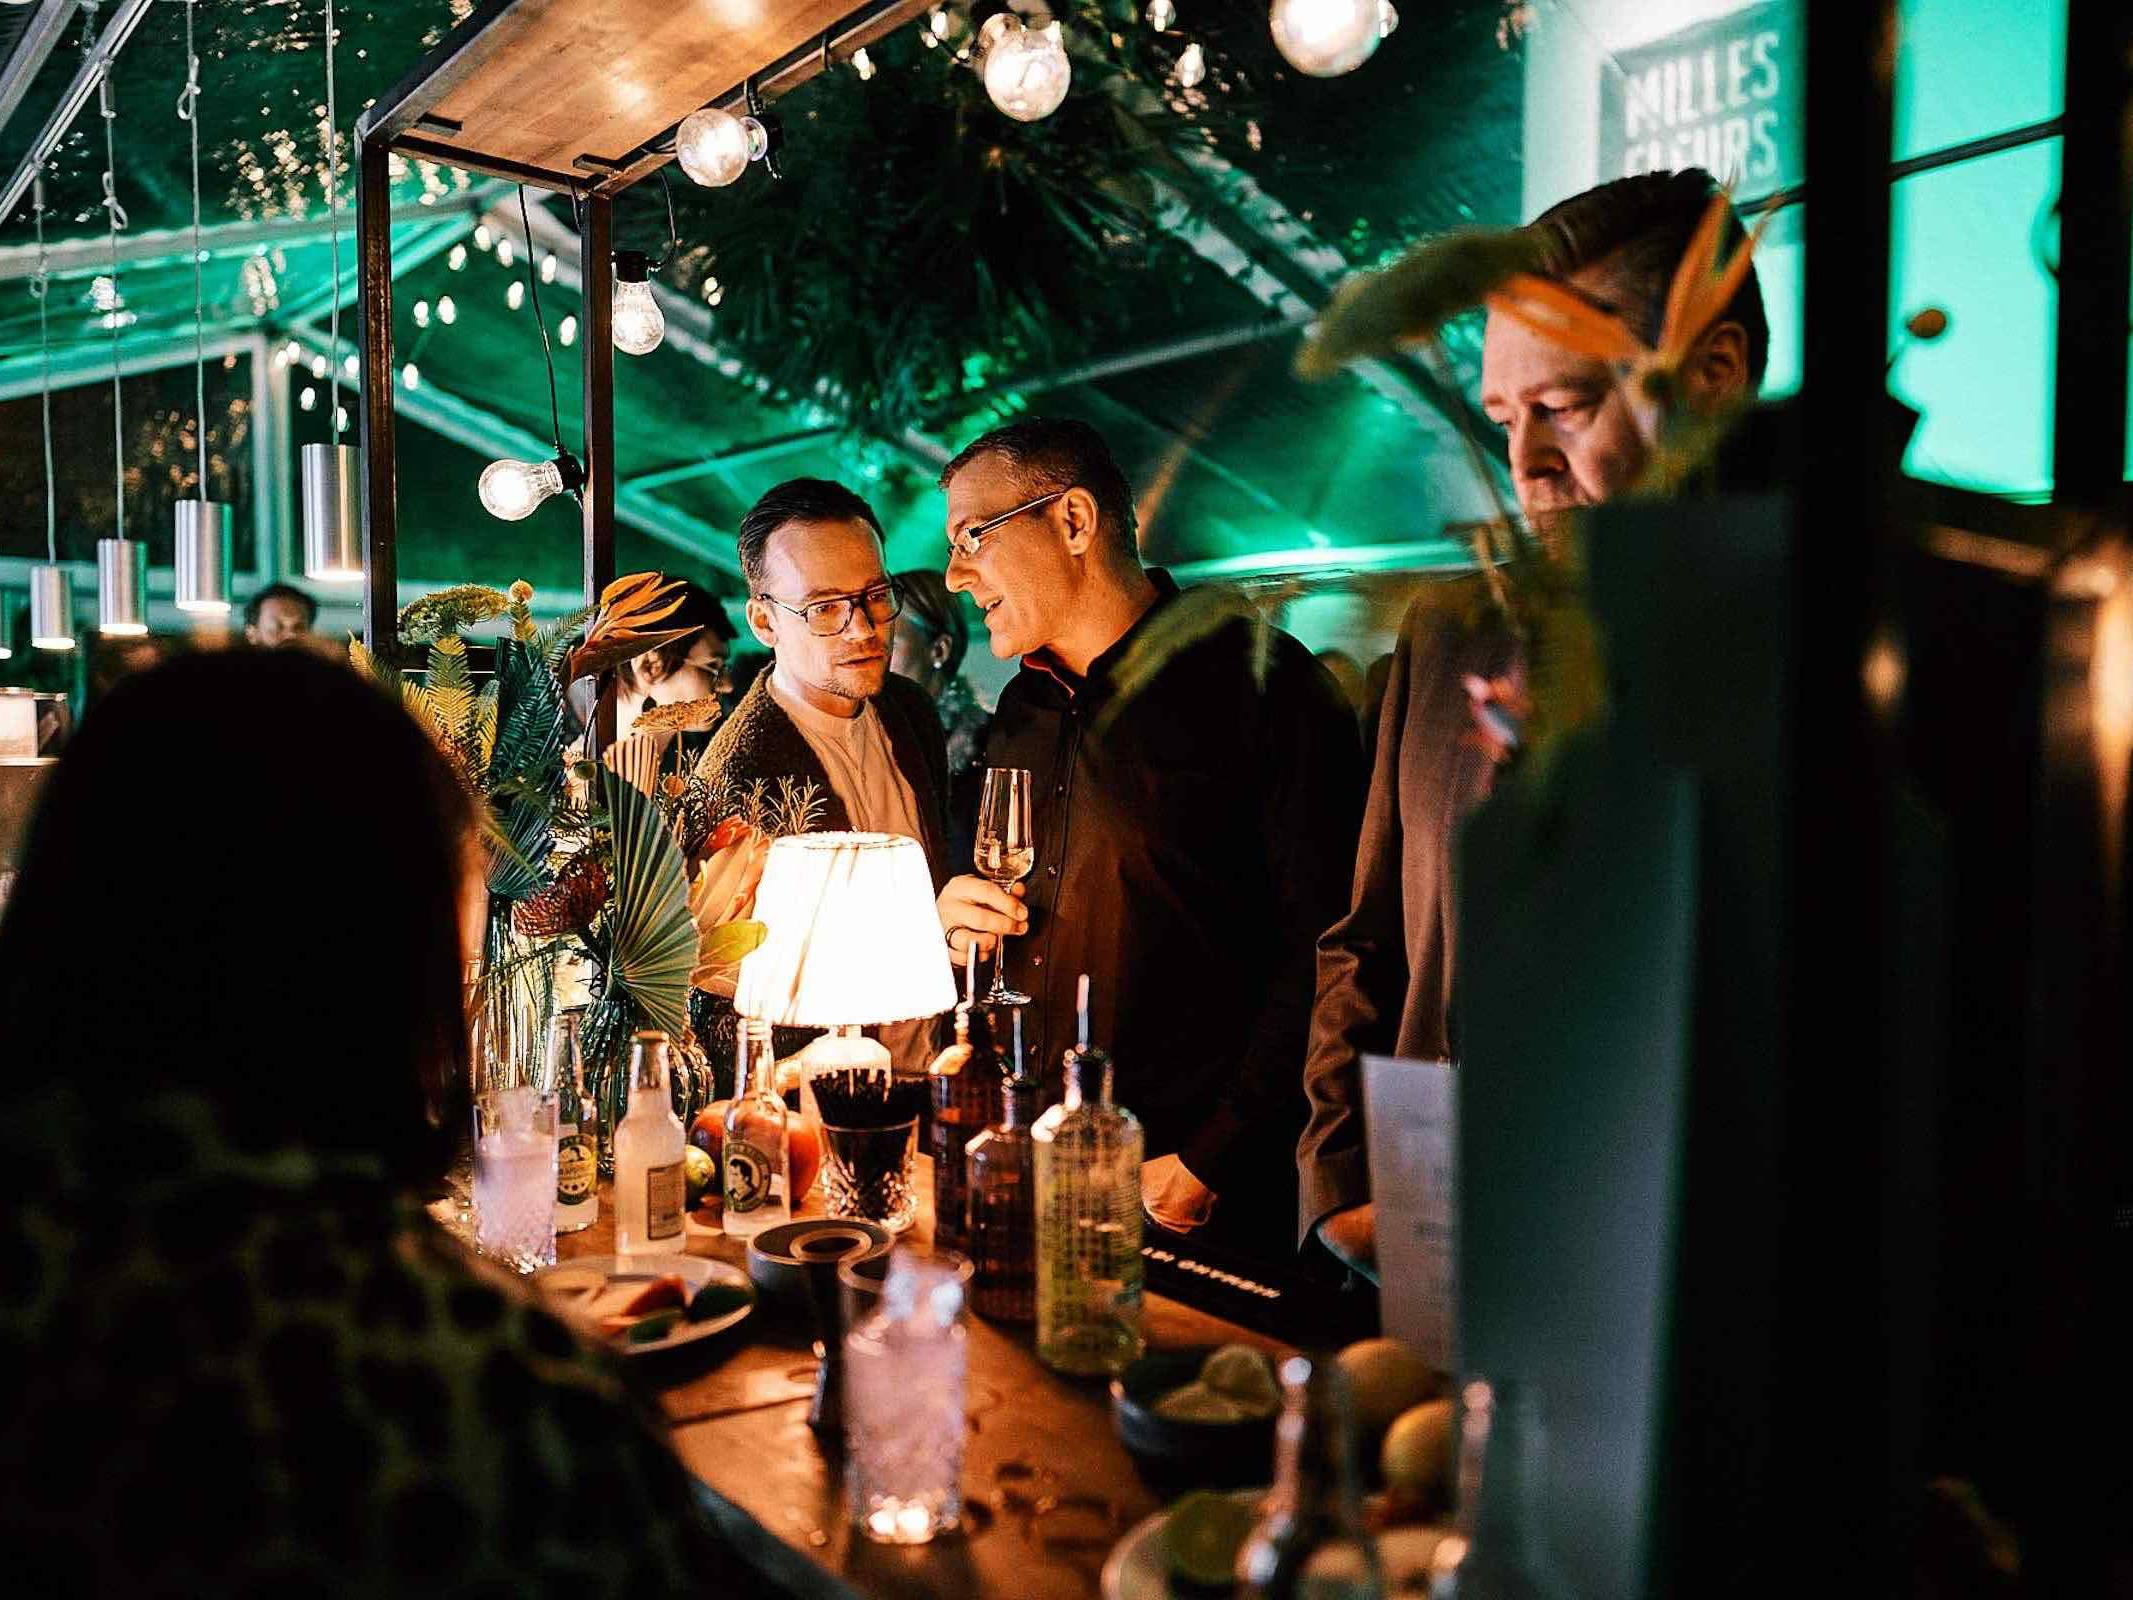 Mobile | Bar | Hamburg | Cocktailbar | Ginbar | Hochzeit | Sektempfang | Barkeeper | Buchen | Mieten | Geburtstag | Foodtruck | Getränke | Catering | Sektbar | Weinbar | Messe | Cocktails | Hamburgfeiert